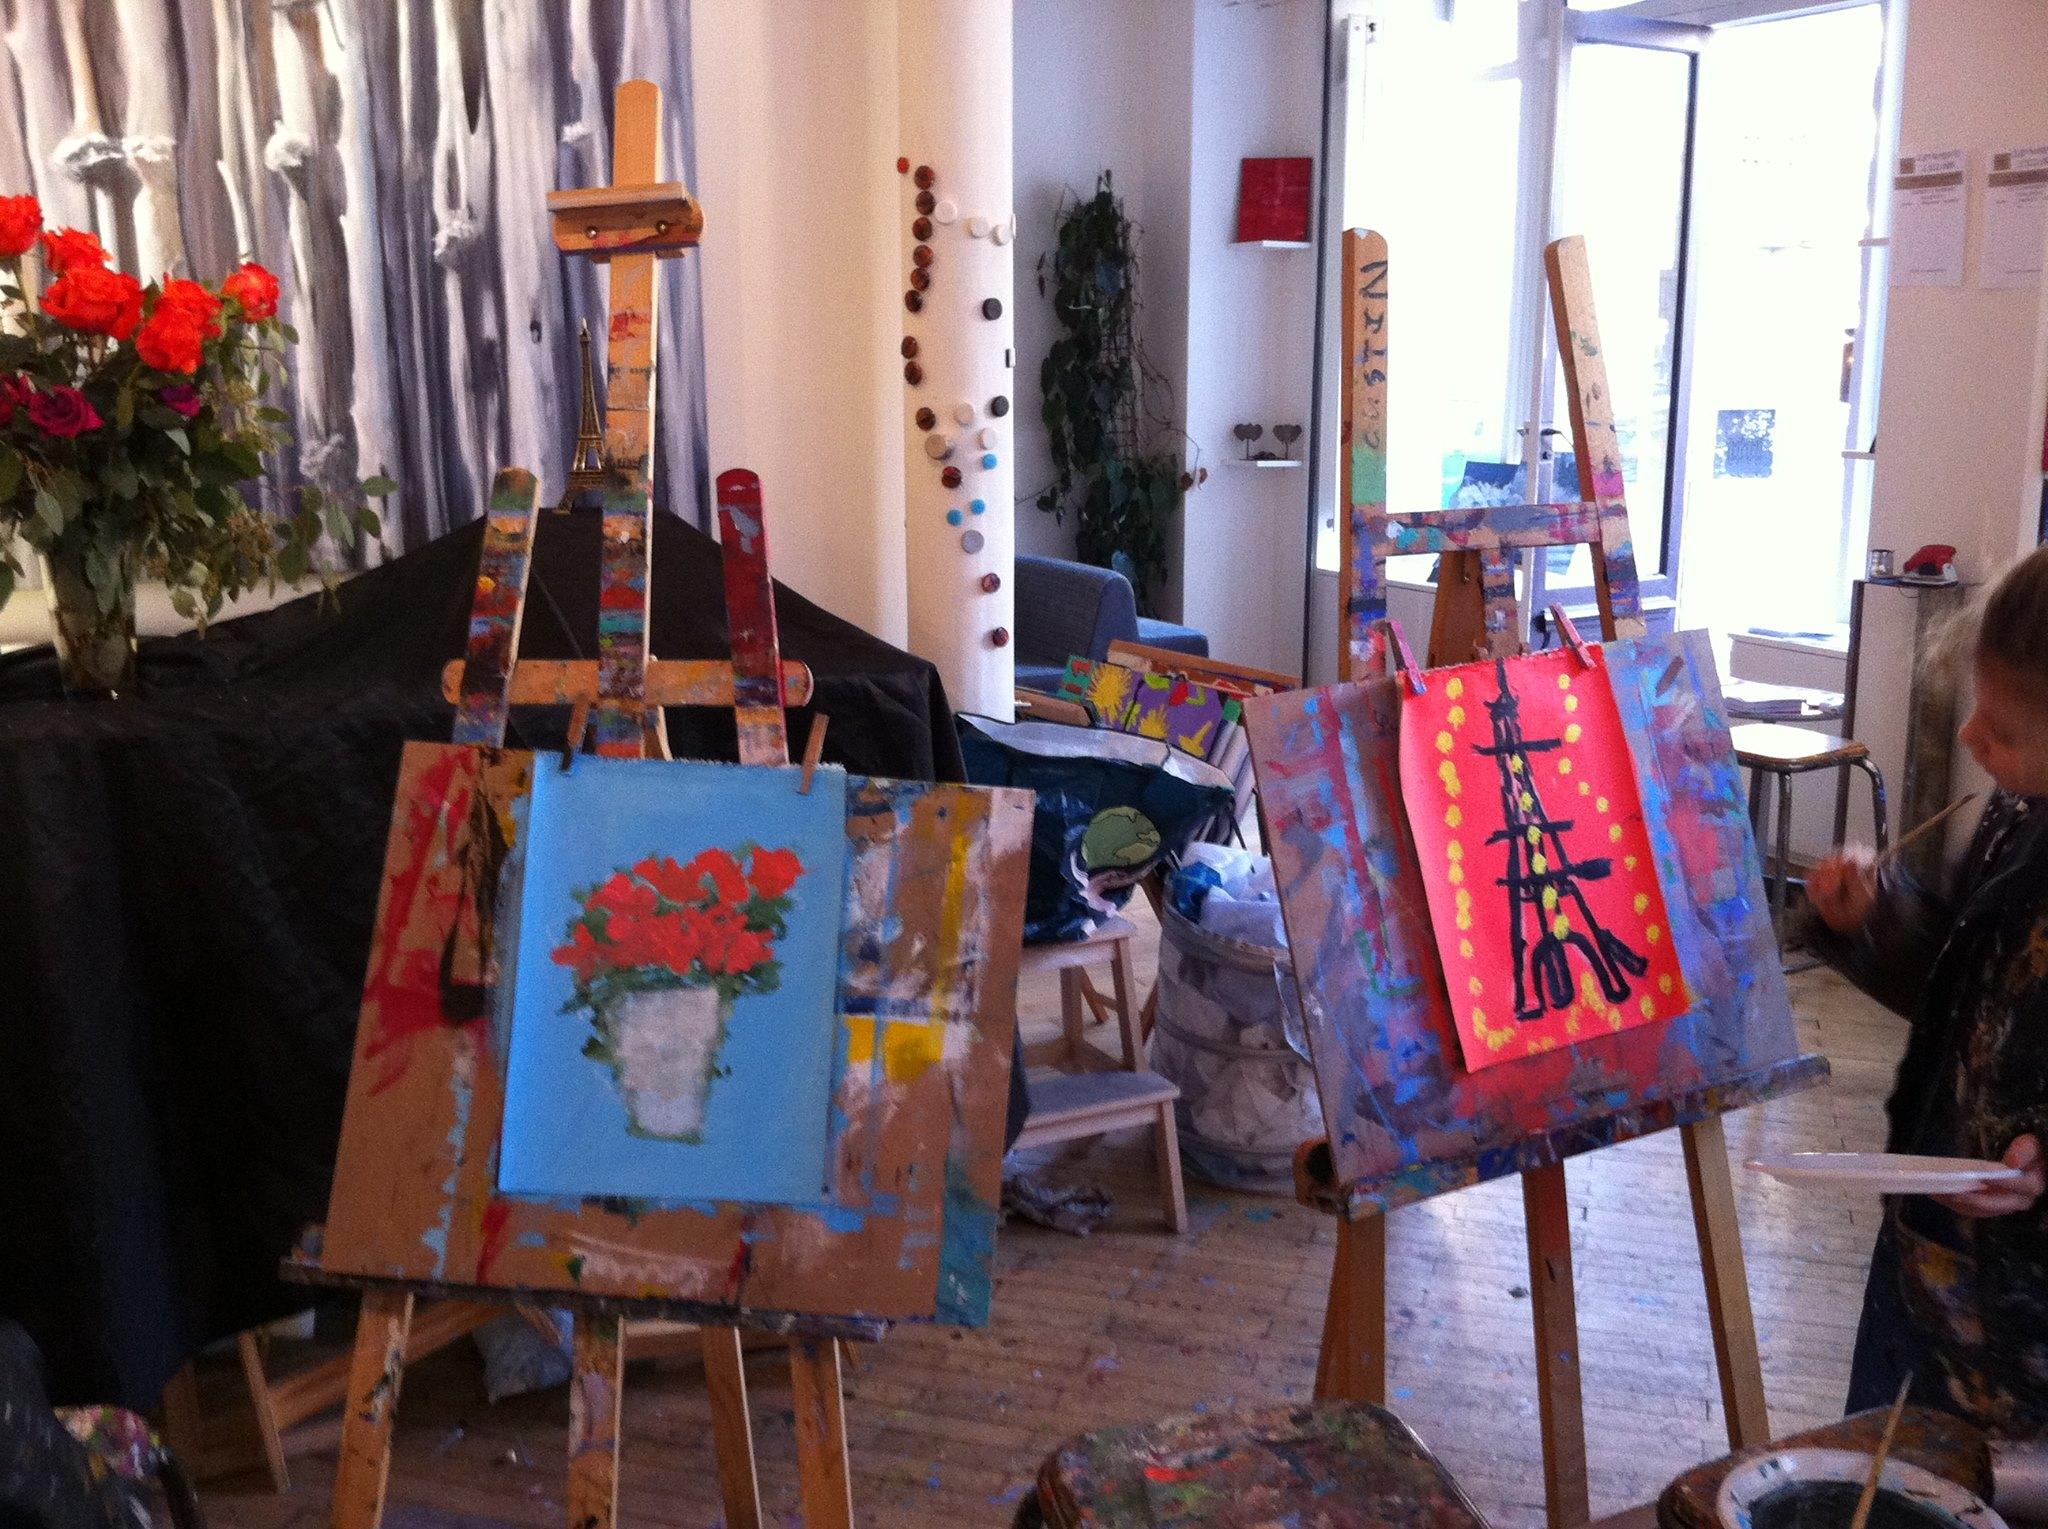 Turbo Stage enfant paris peinture creation atelier l'illusion paris 15 UN56